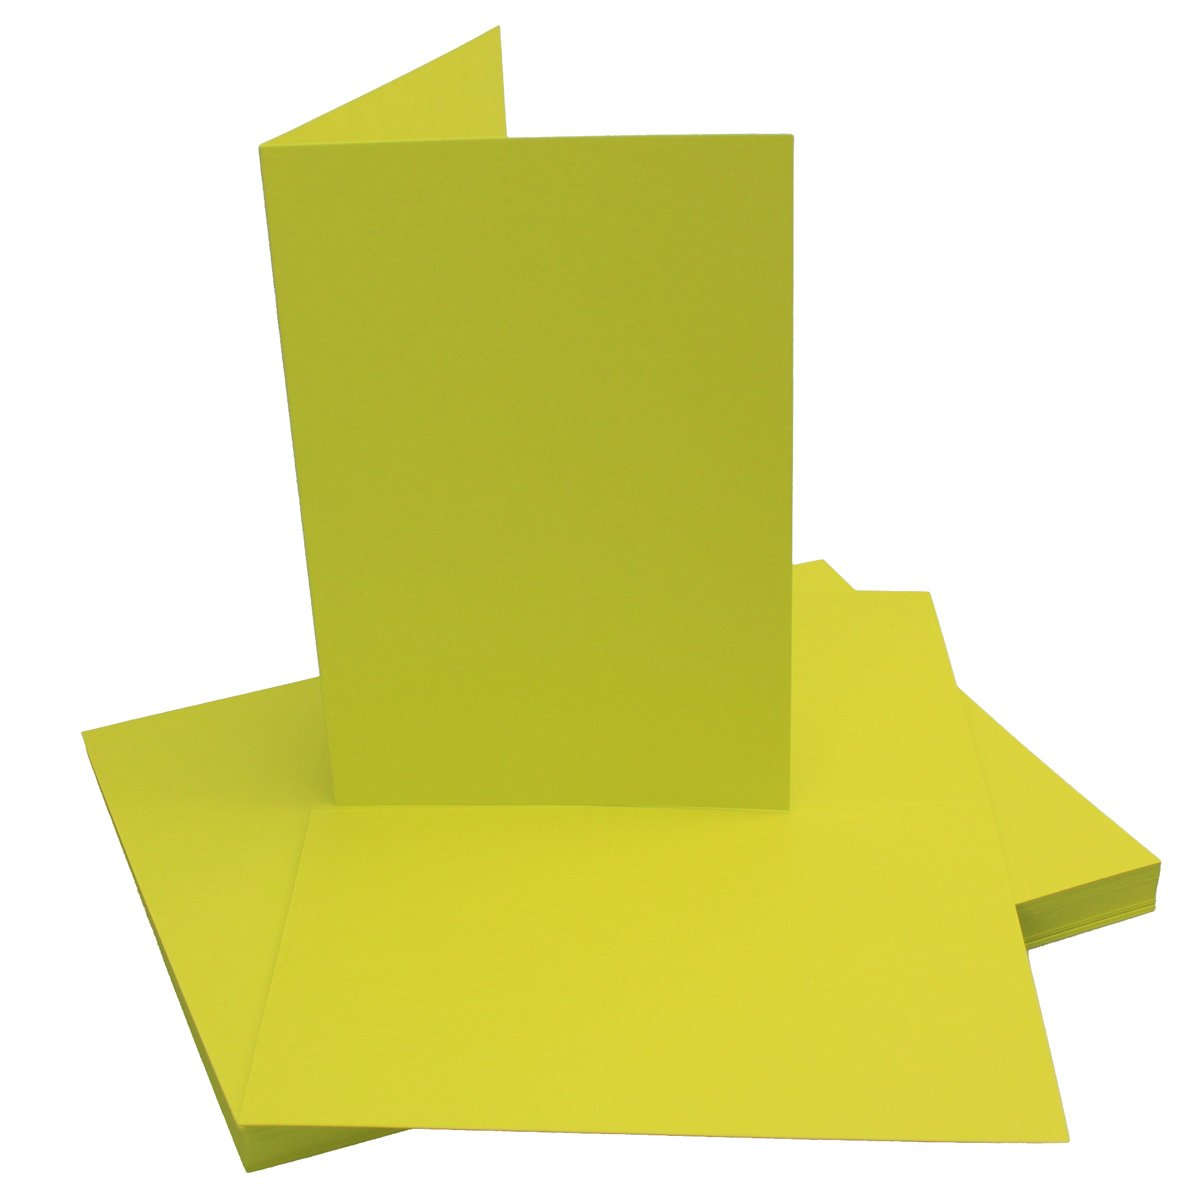 150 Sets - Faltkarten Hellgrau - DIN DIN DIN A5  Umschläge  Einlegeblätter DIN C5 - PREMIUM QUALITÄT - sehr formstabil - Qualitätsmarke  NEUSER FarbenFroh B07C2T8127 | Fairer Preis  679ad6